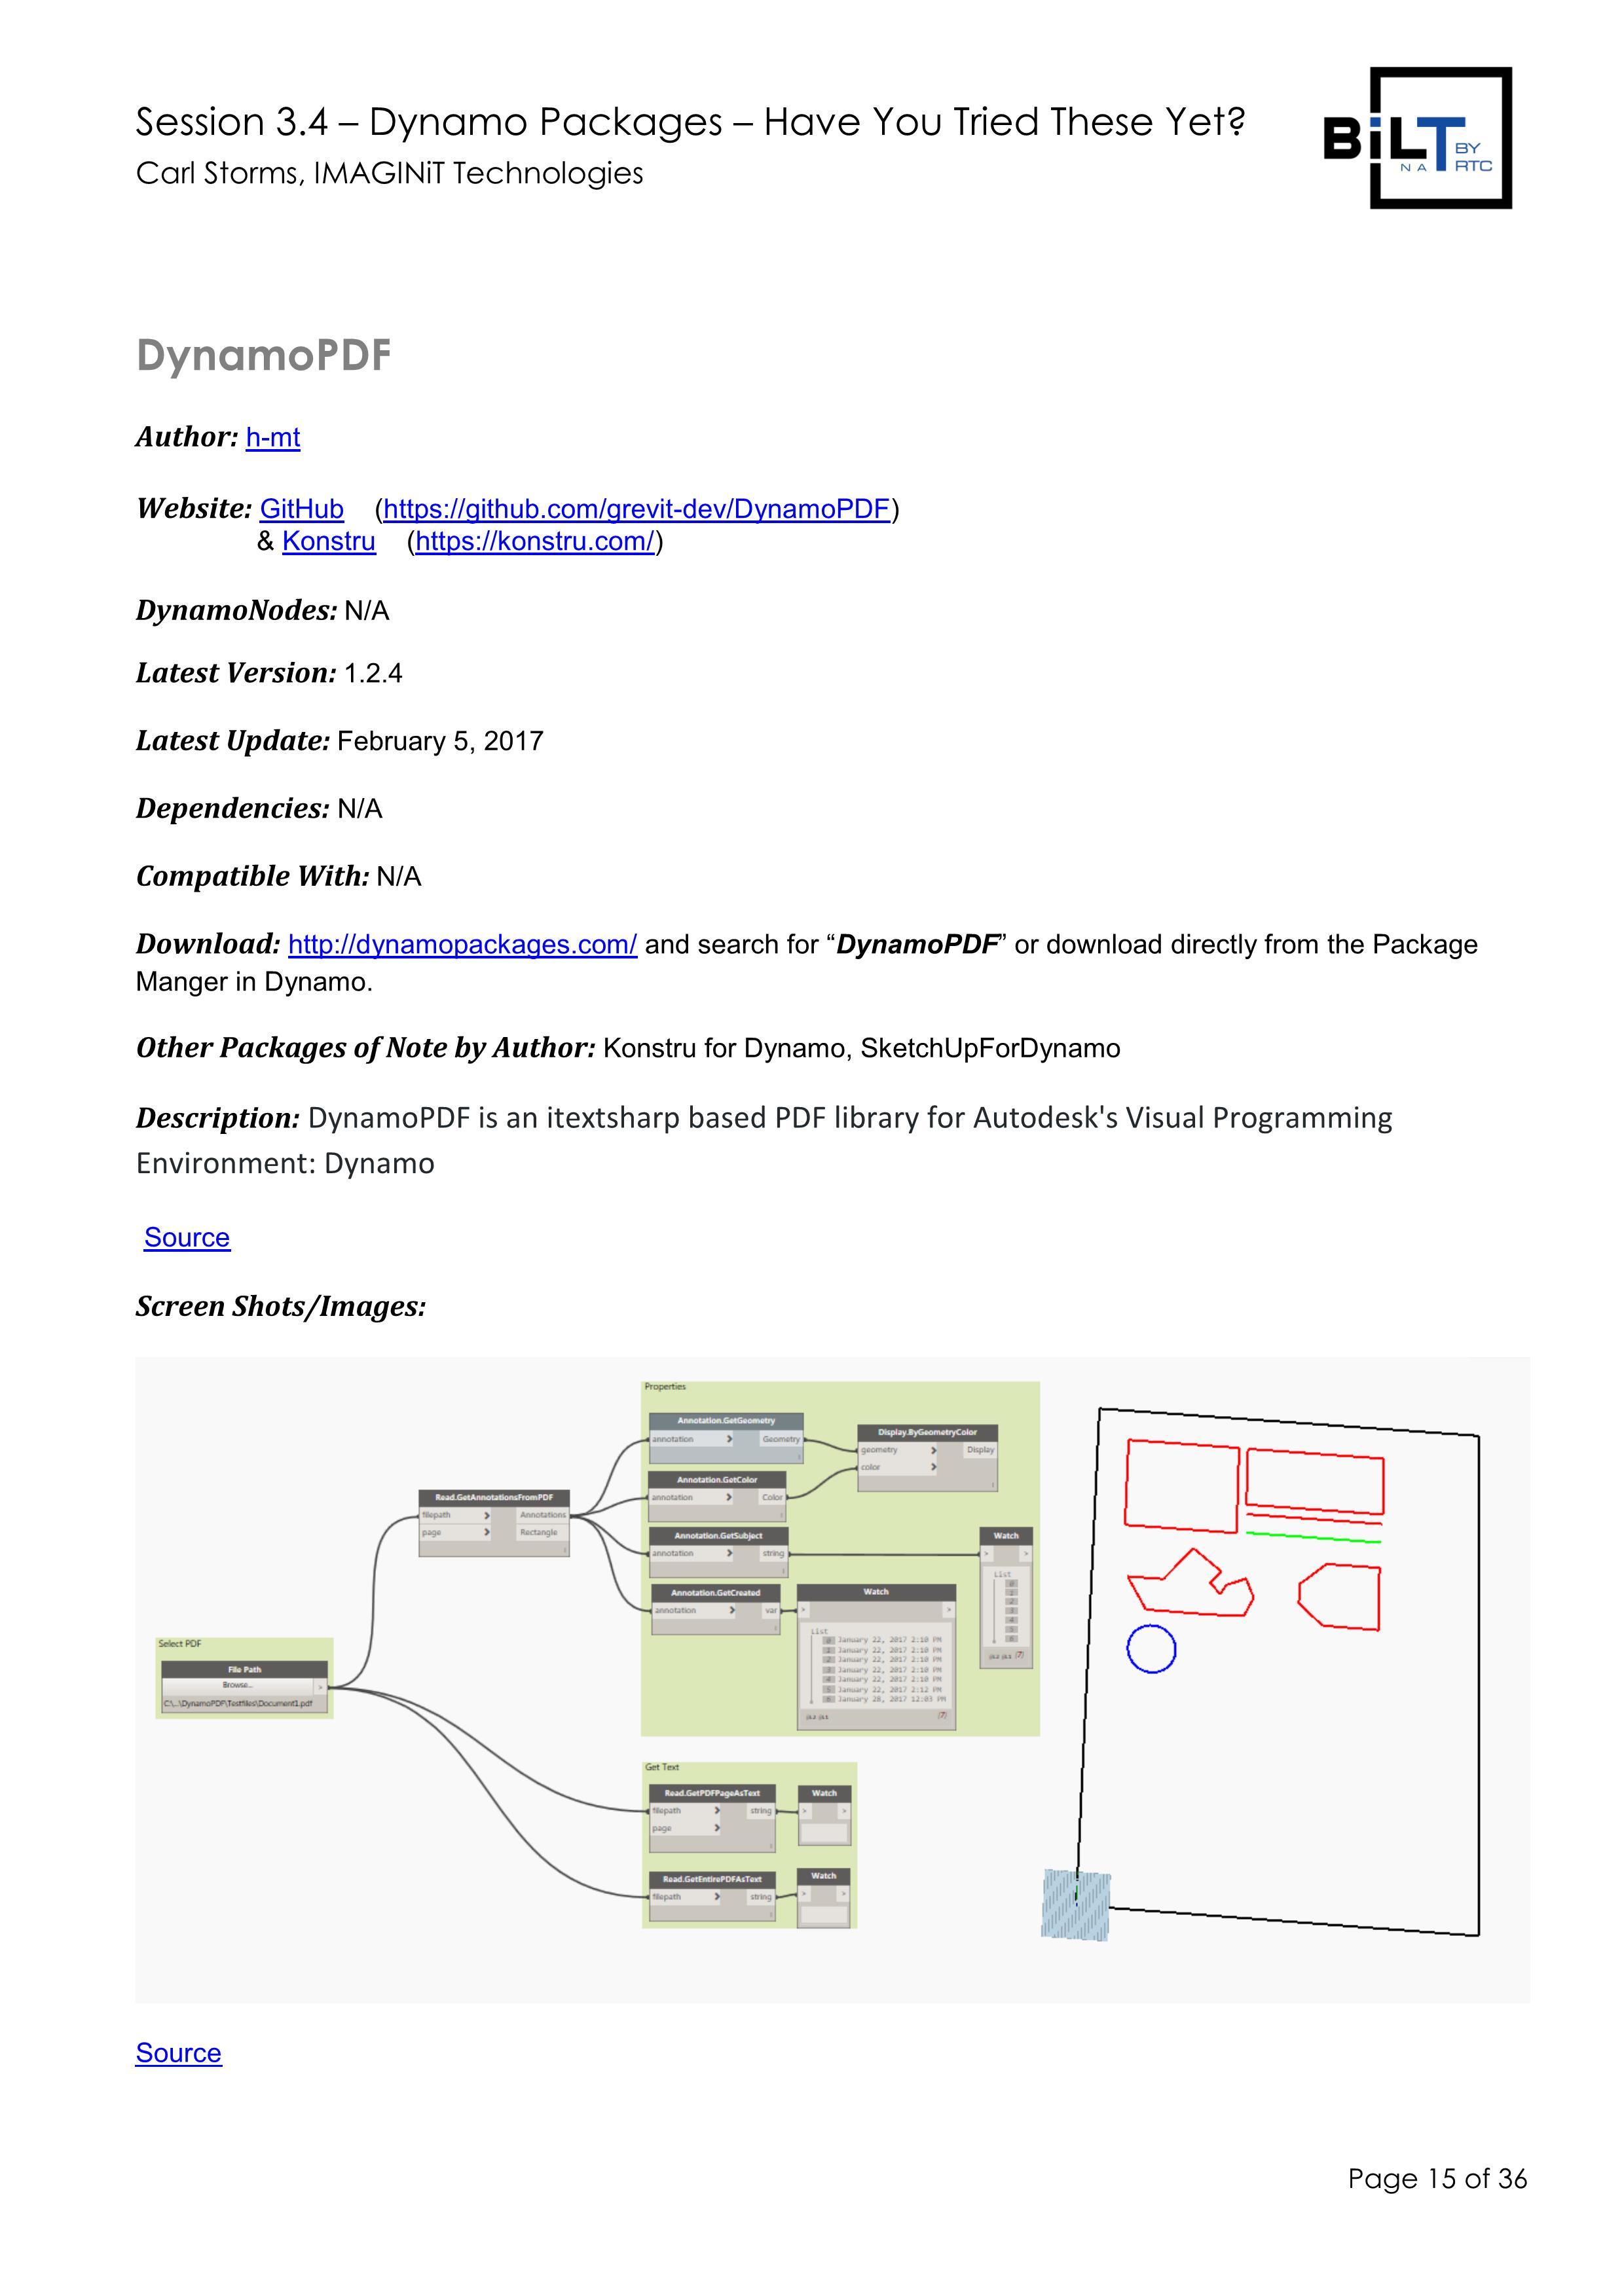 DynamoPackagesHaveYouTried Page 015.jpg